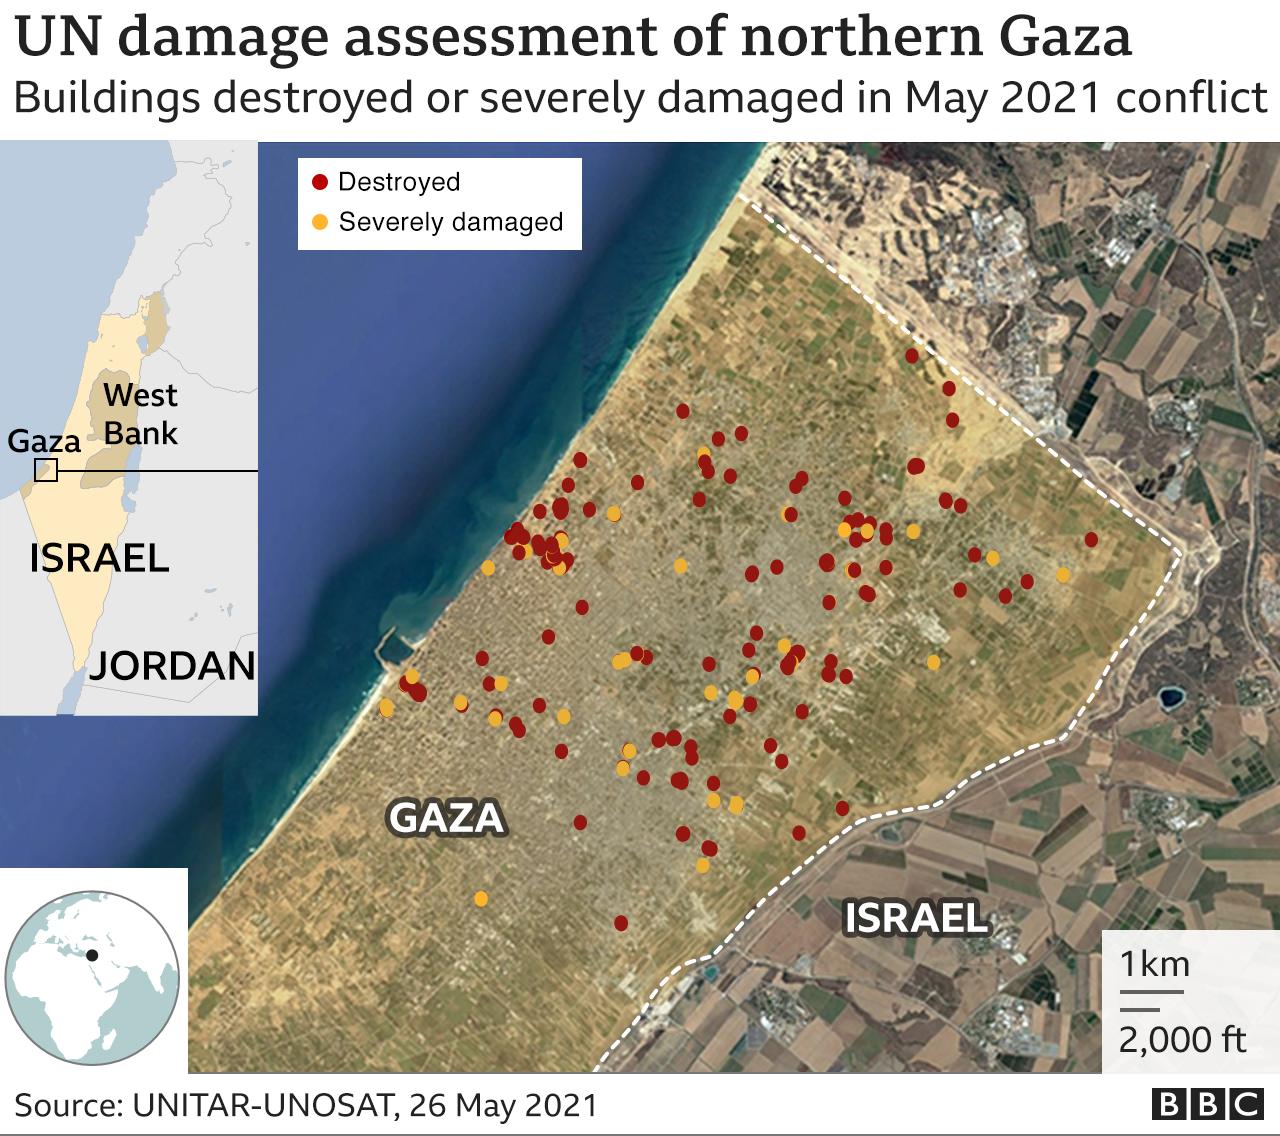 Penilain PBB soal kerusakan di Gaza utara setelah konflik Mei 2021